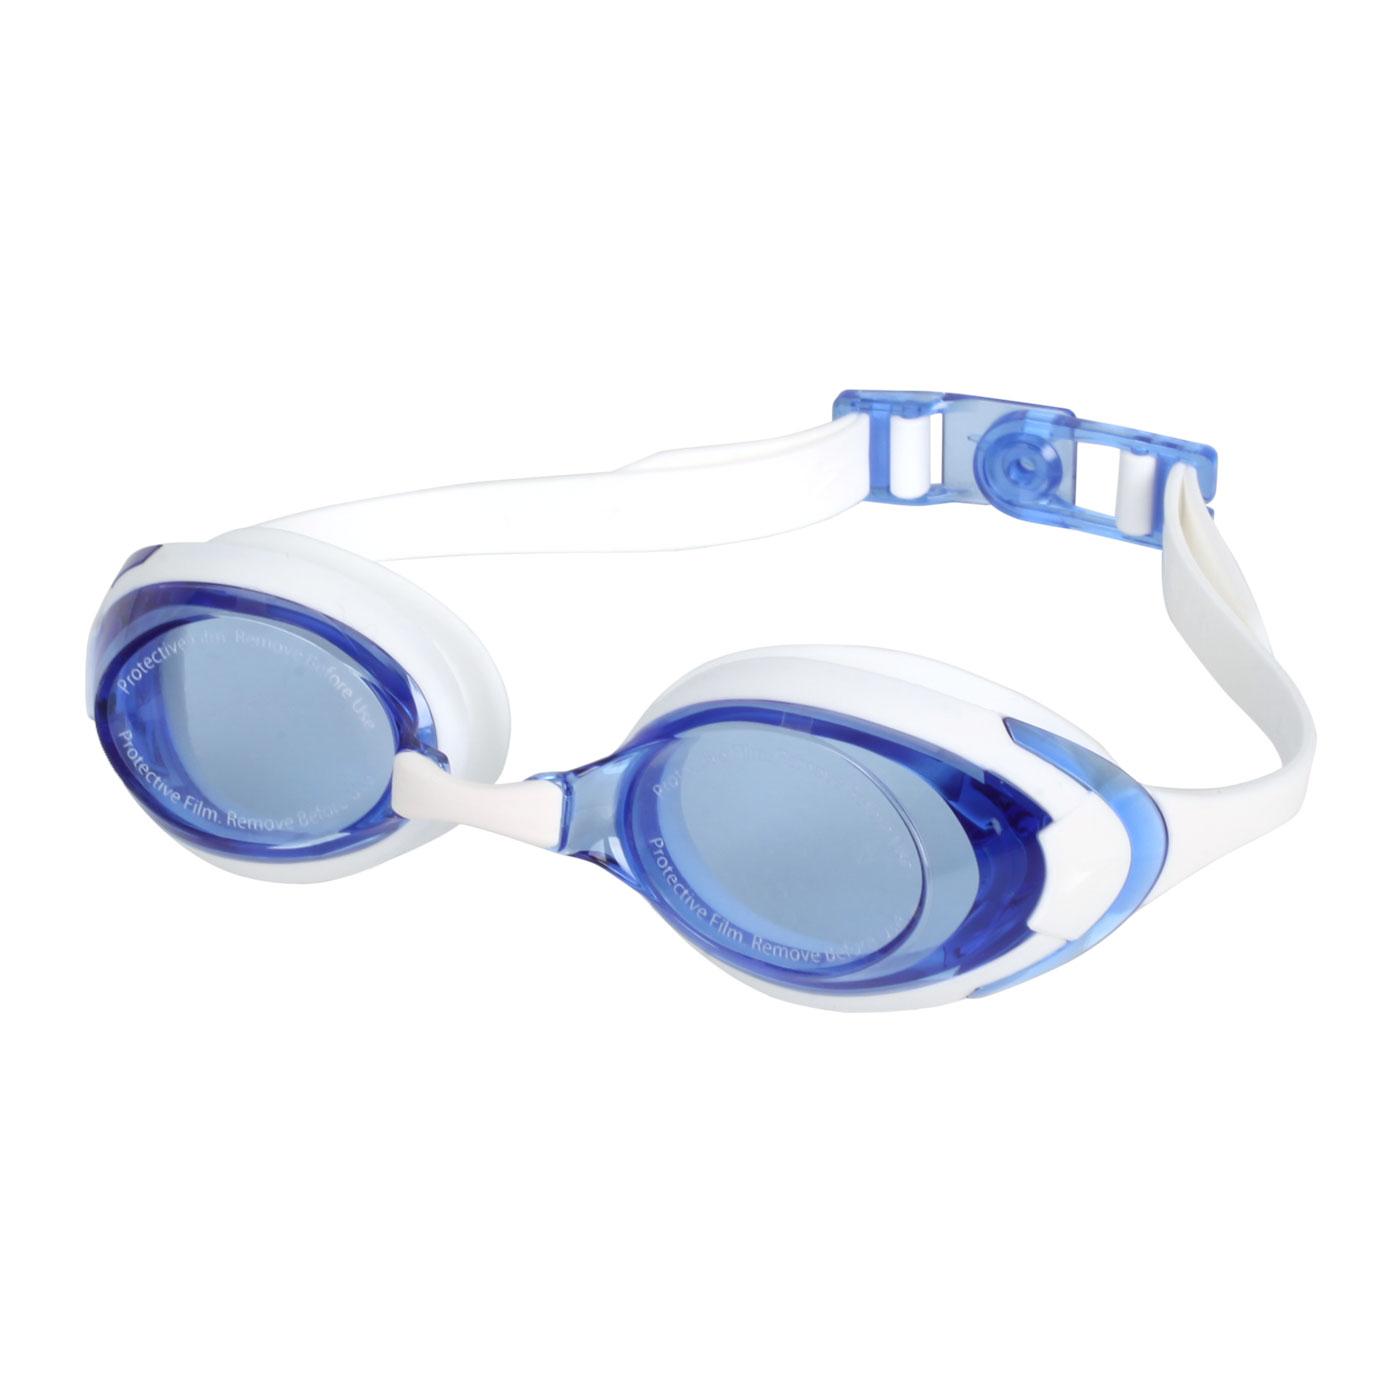 SPEEDO 成人運動泳鏡 SD812272D665 - 白藍